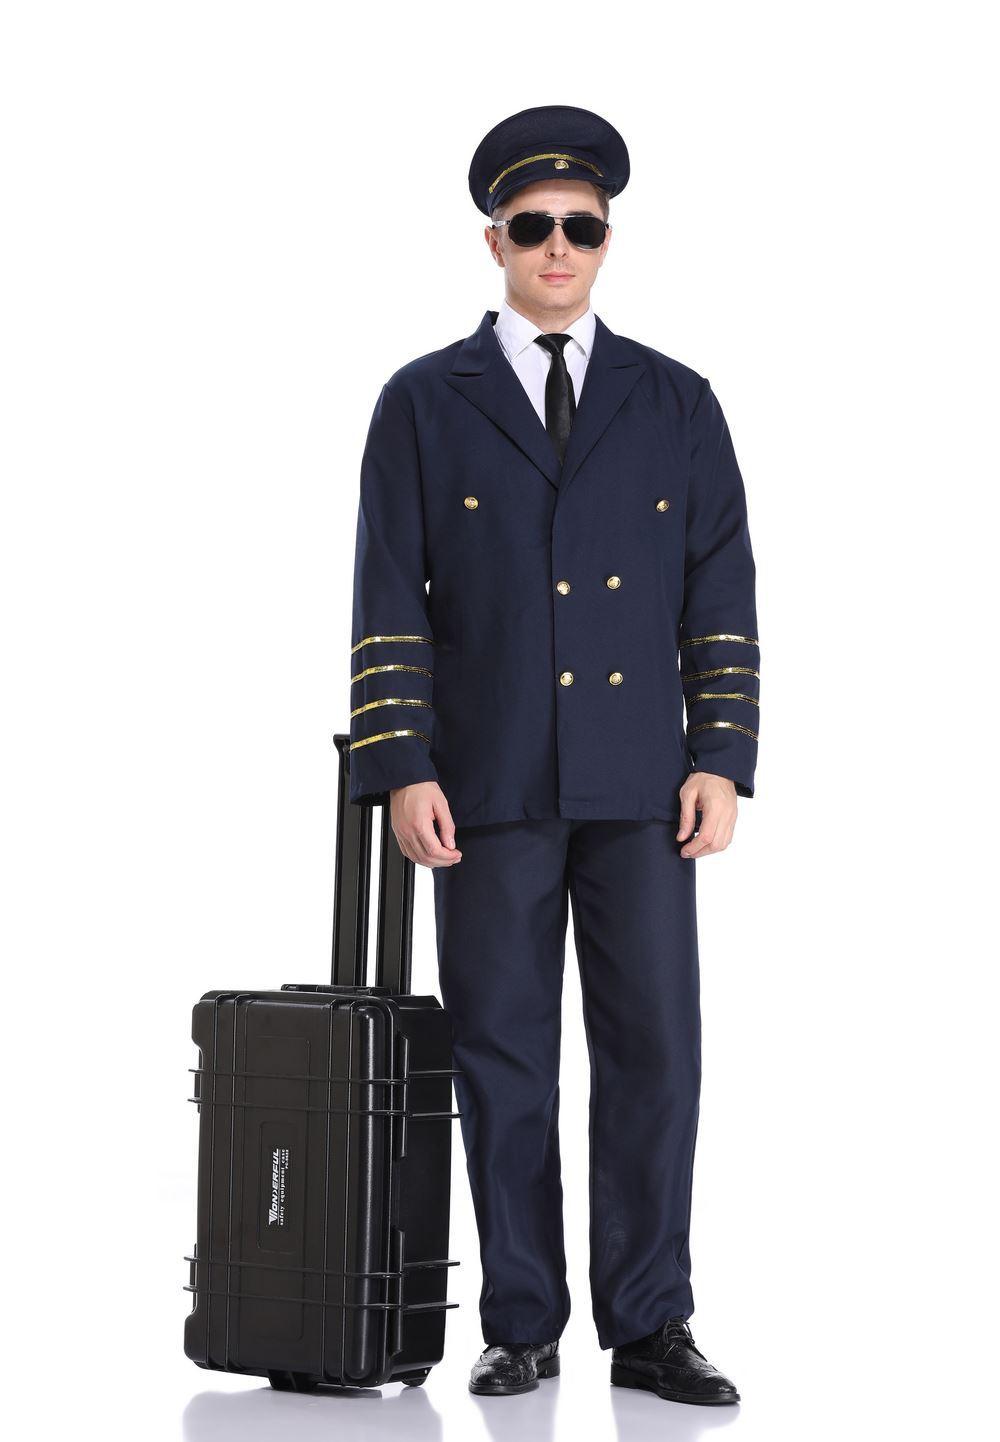 1e1aa849df0 Guerrero masculino Especial Halloween trajes adultos astronautas fuerza  aérea piloto astronauta uniformes astronauta disfraces en Disfraces TV y  películas ...